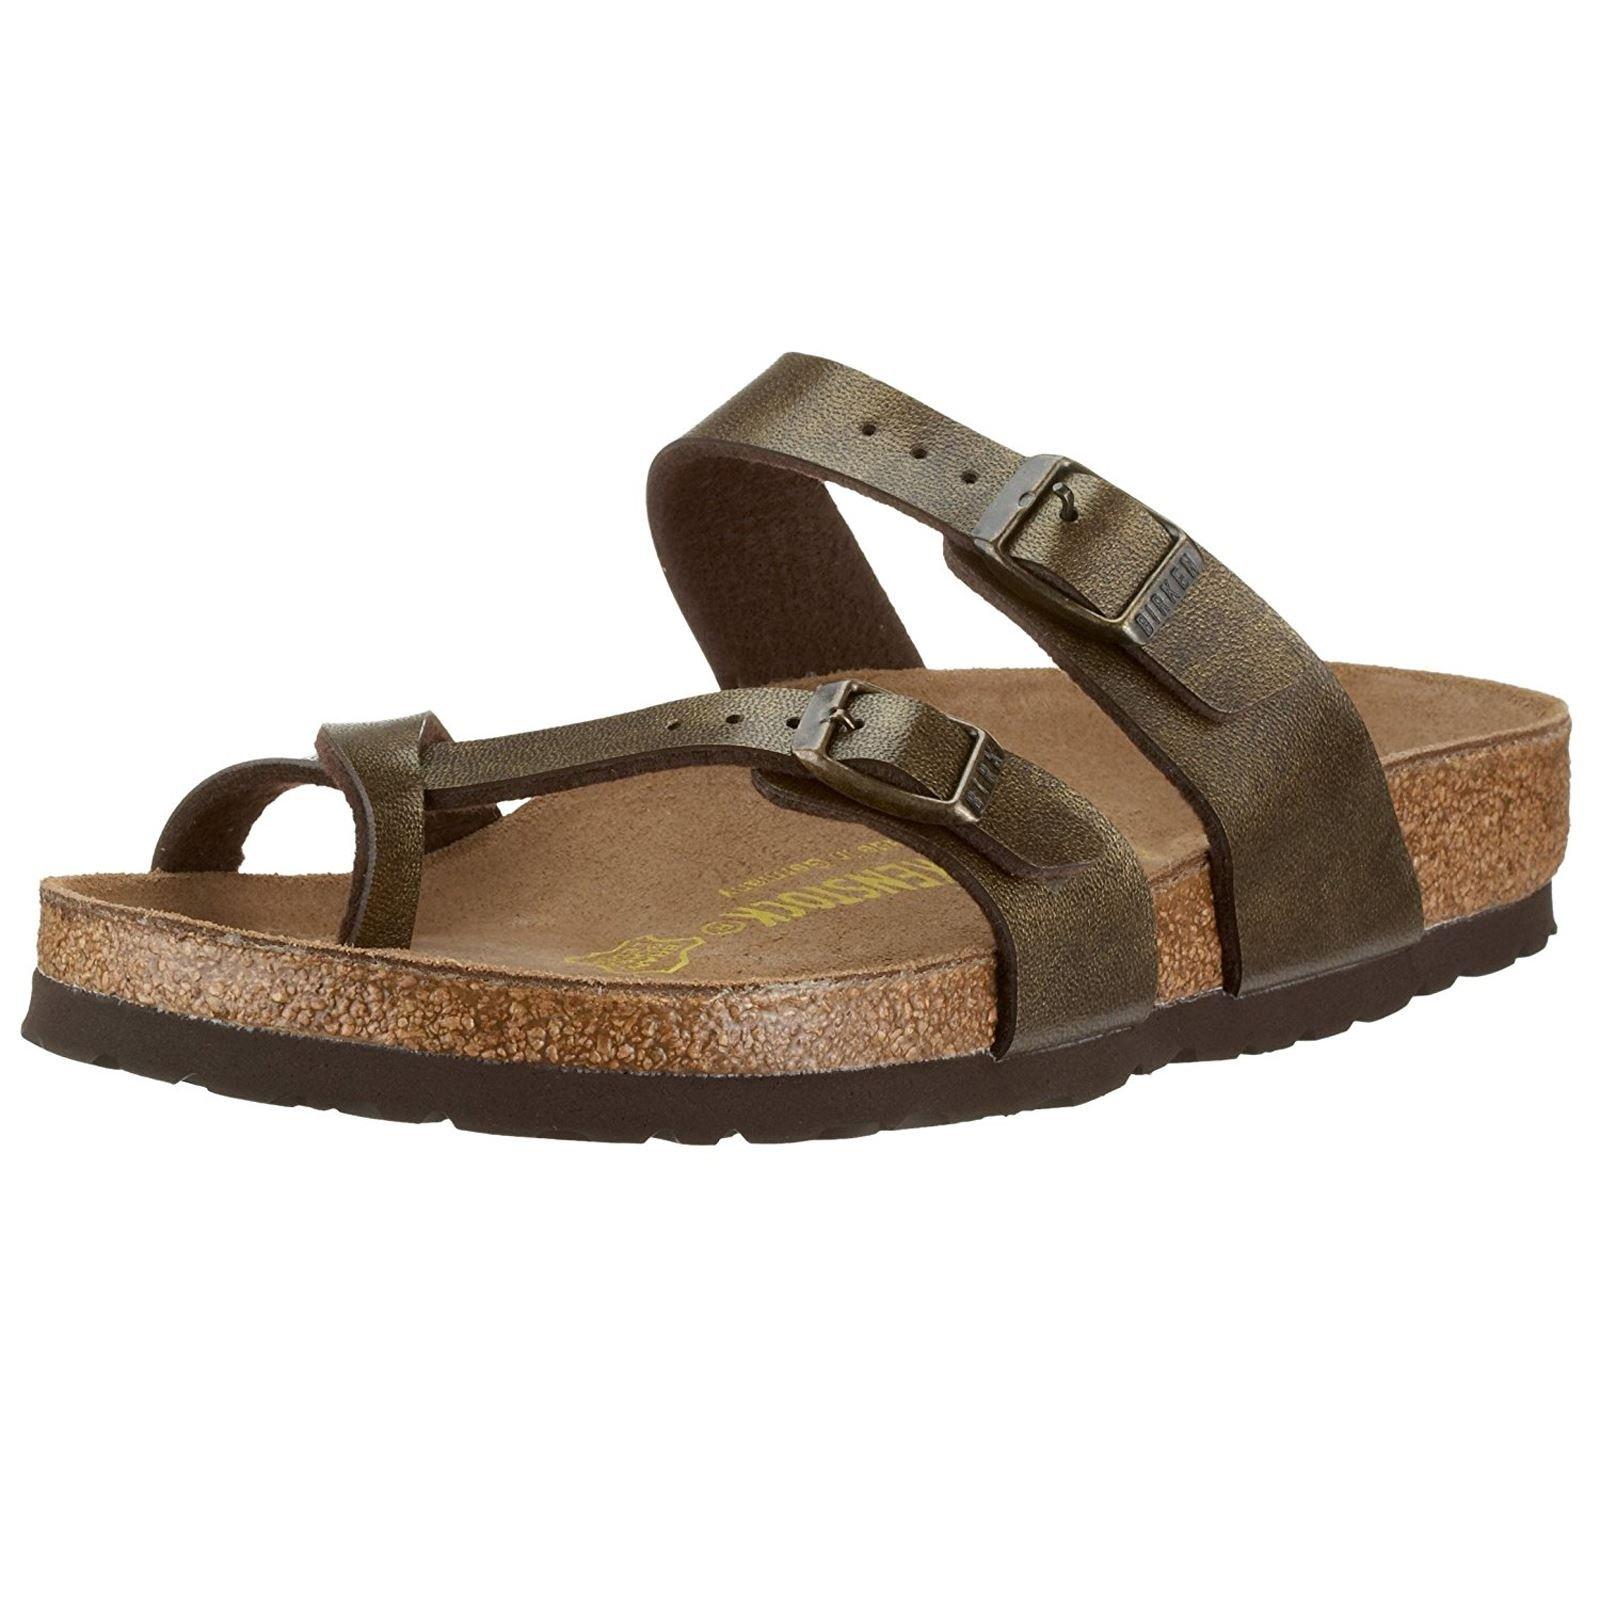 Birkenstock Womens Mayari Golden Brown Synthetic Sandals 38 EU